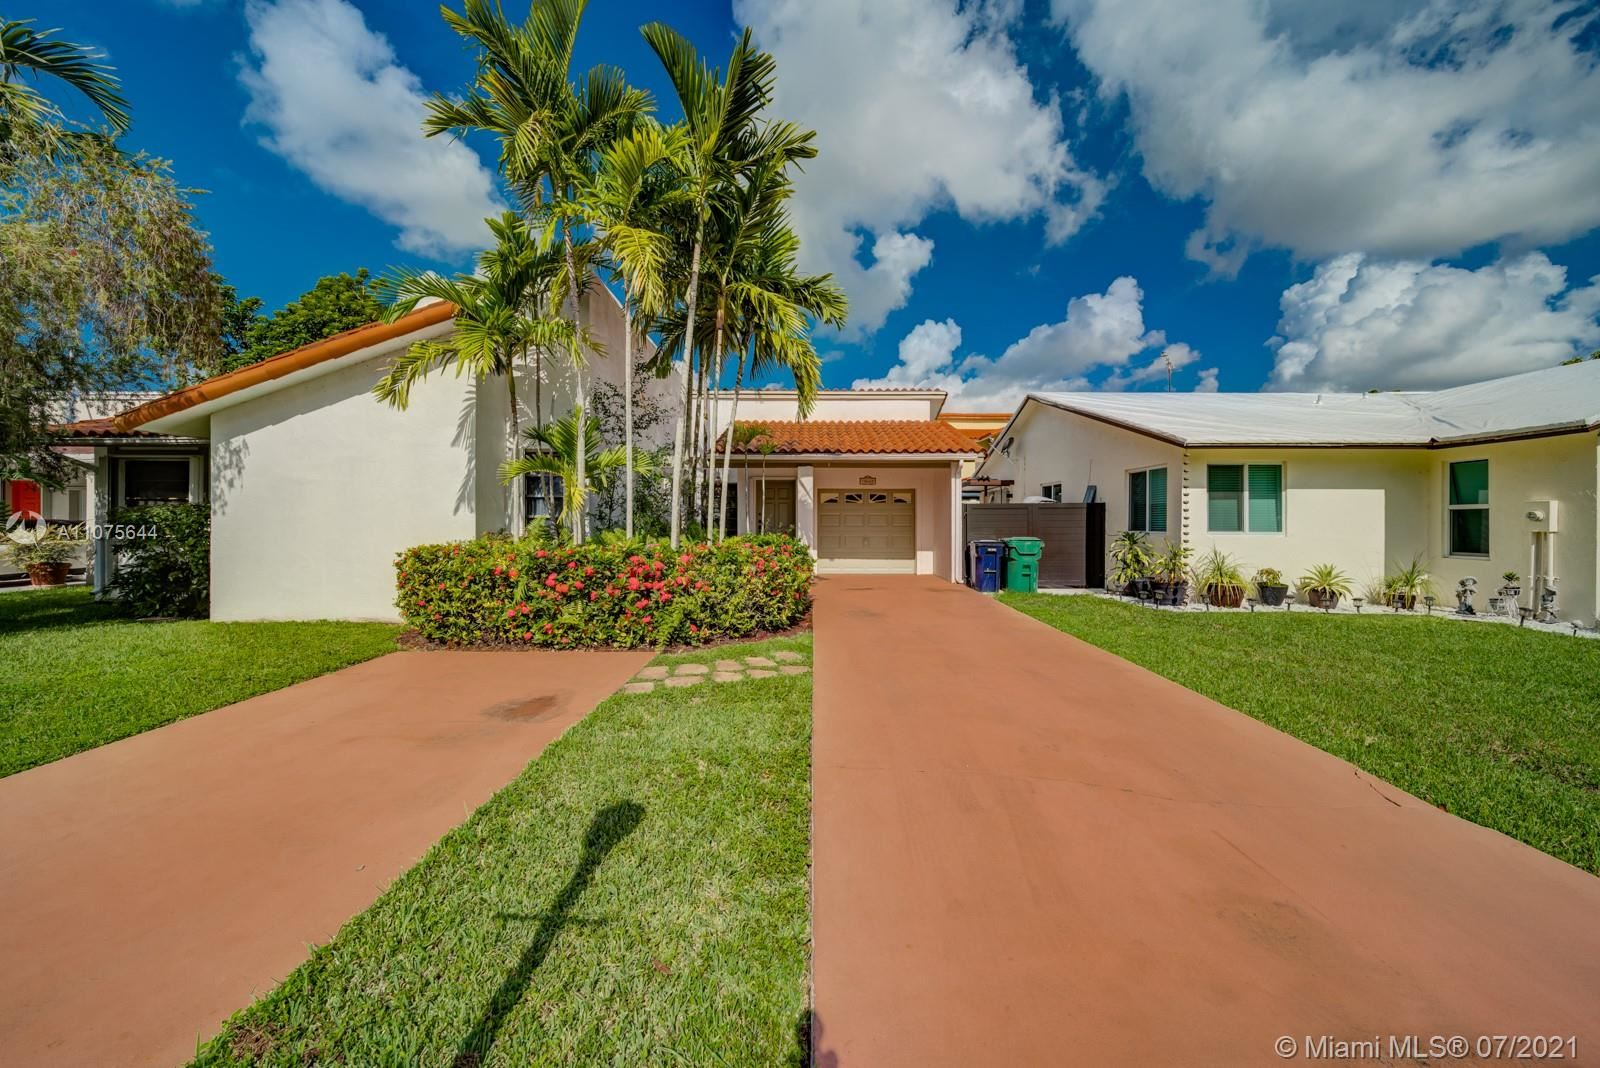 Photo of Miami, FL 33186 (MLS # A11075644)